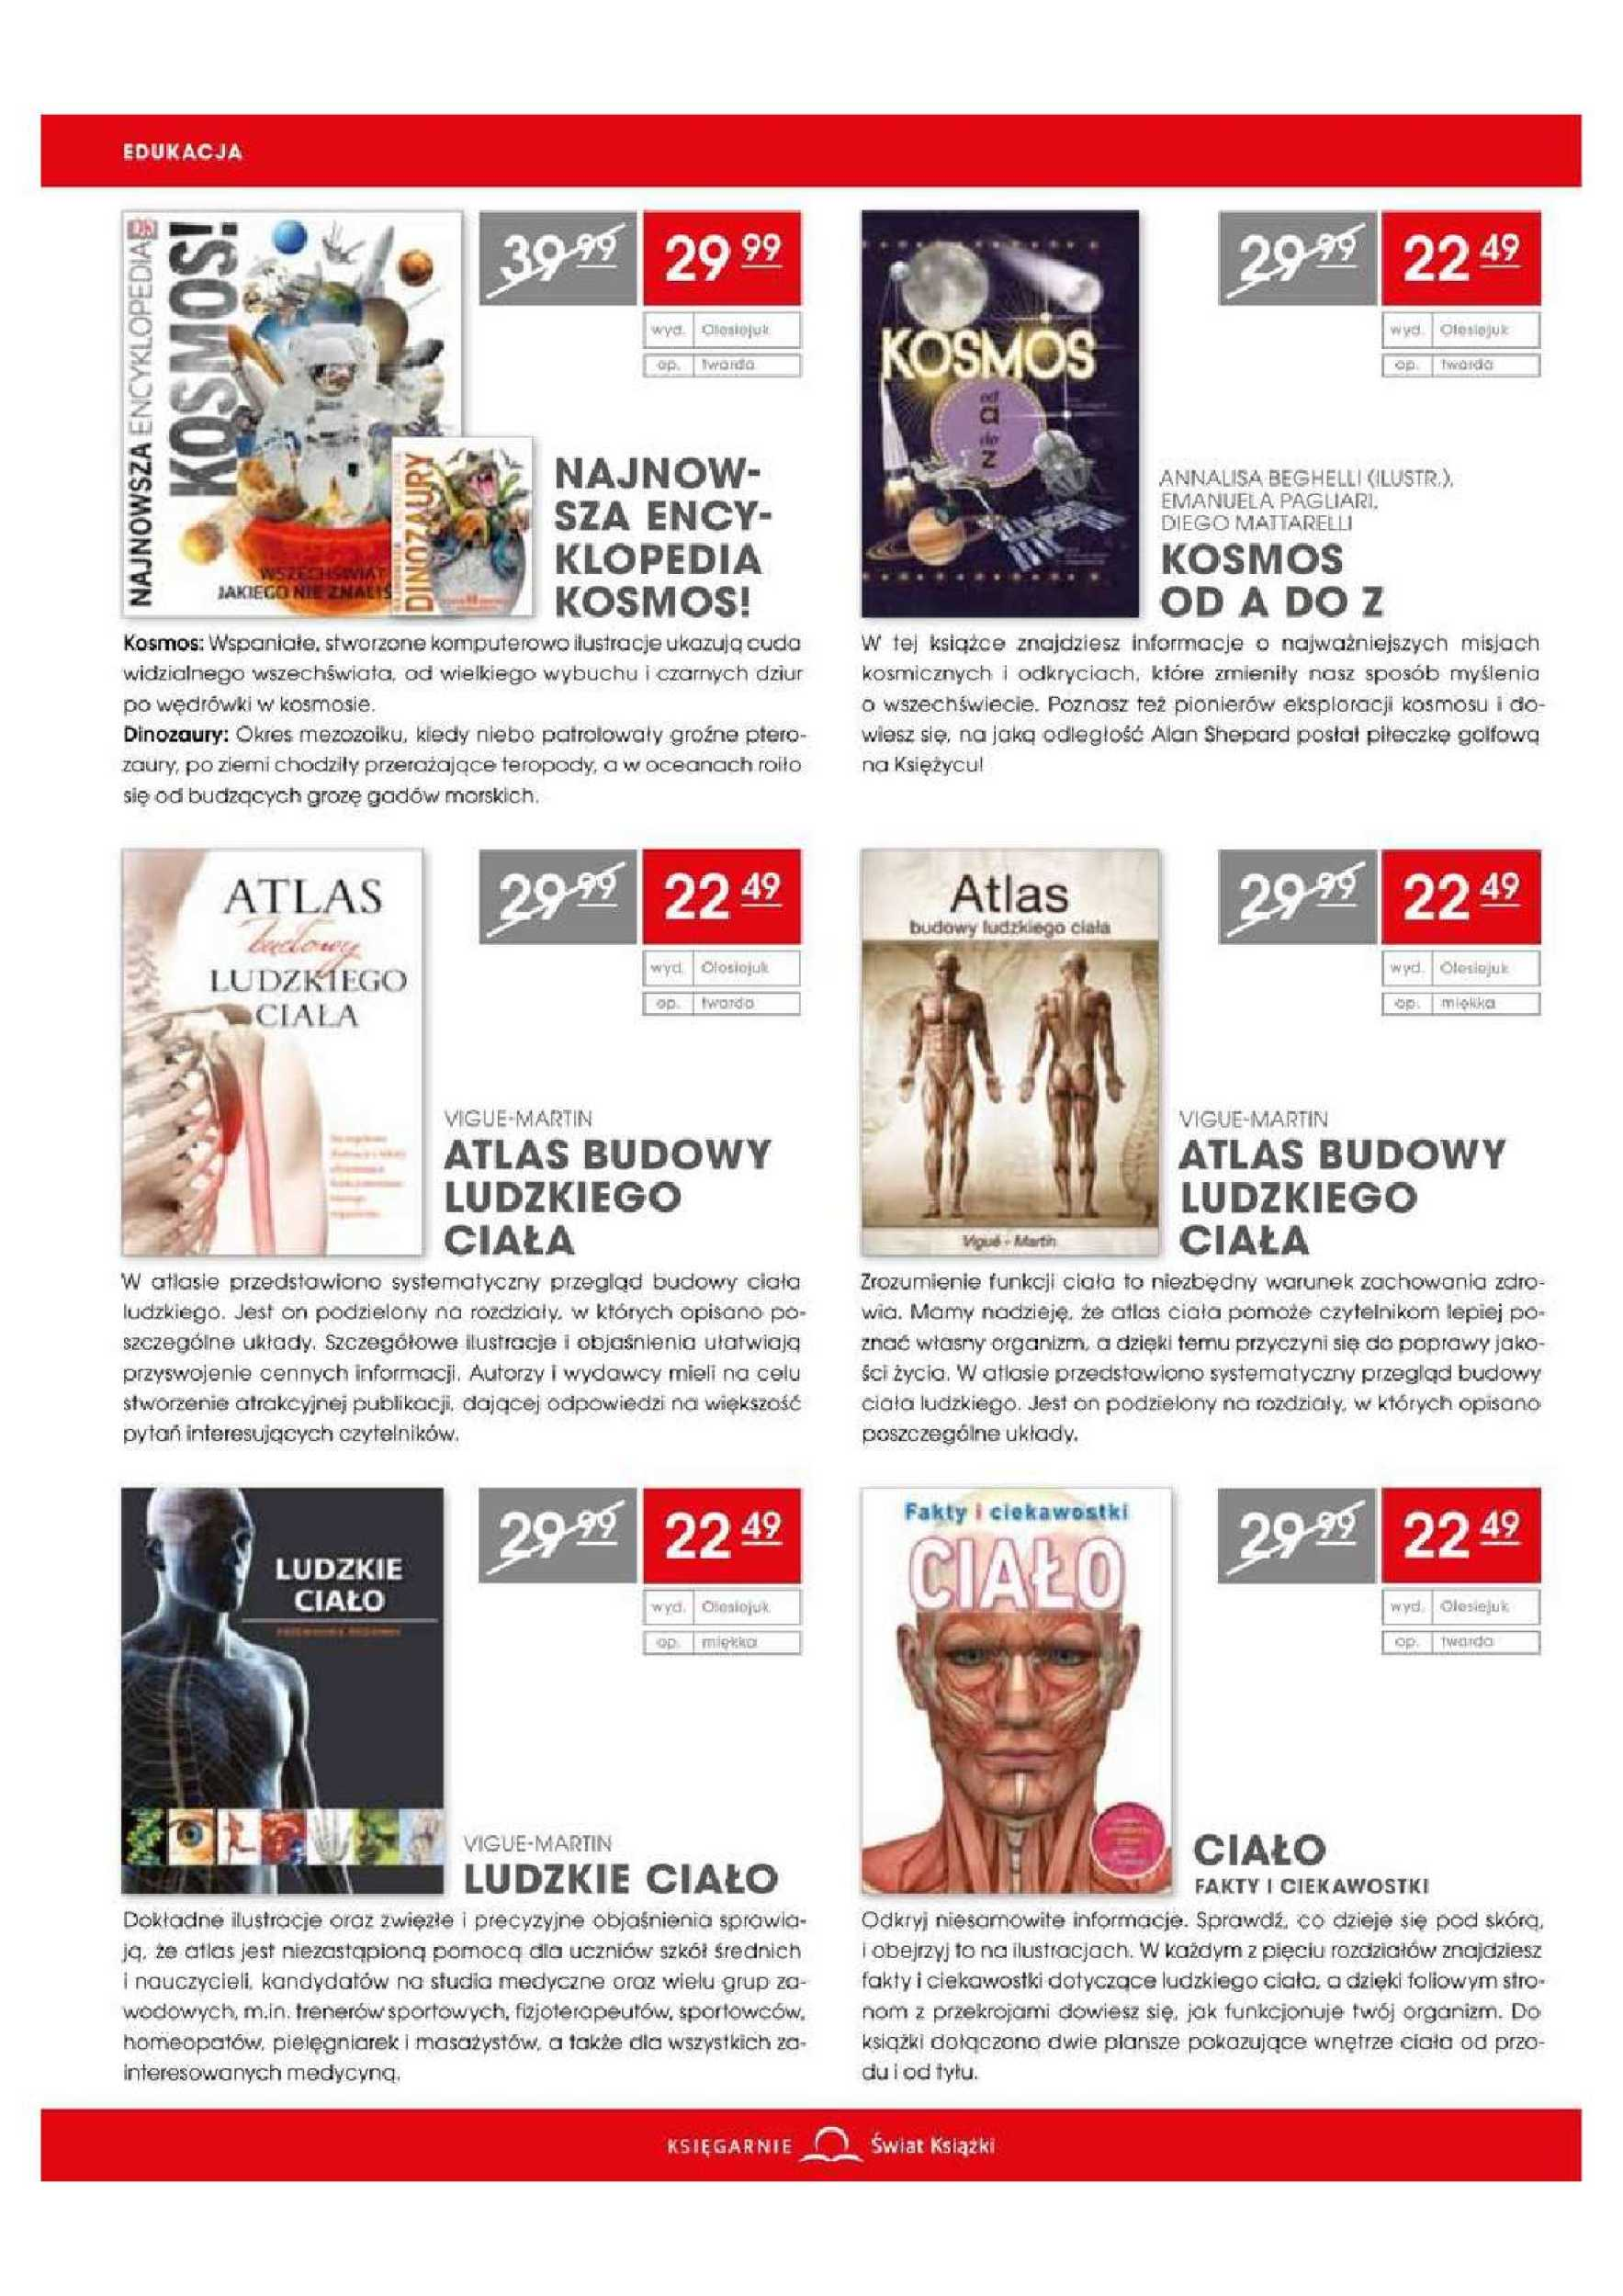 Nowy katalog / strona 22 z 44